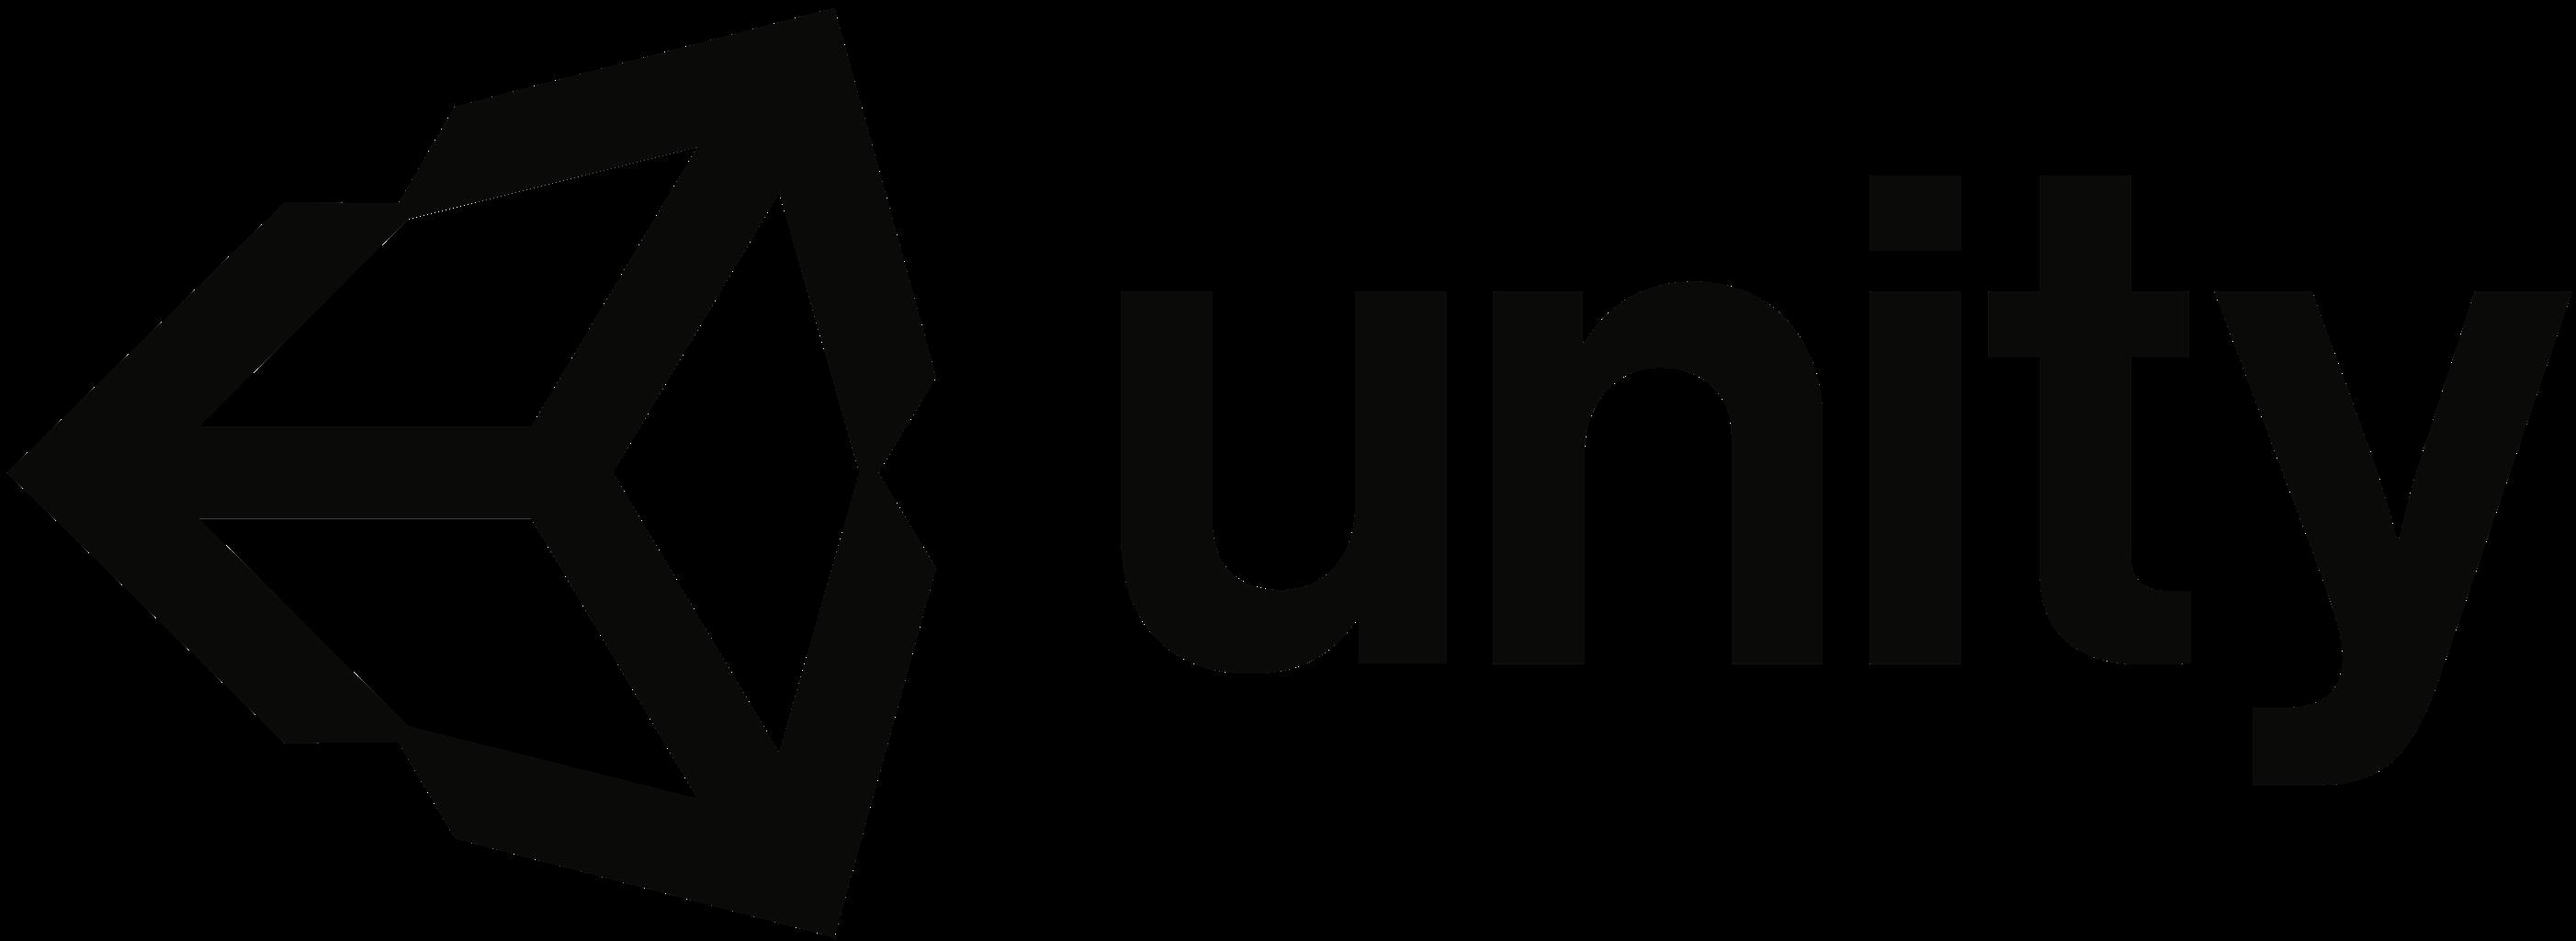 Link to external partner website Unity.com